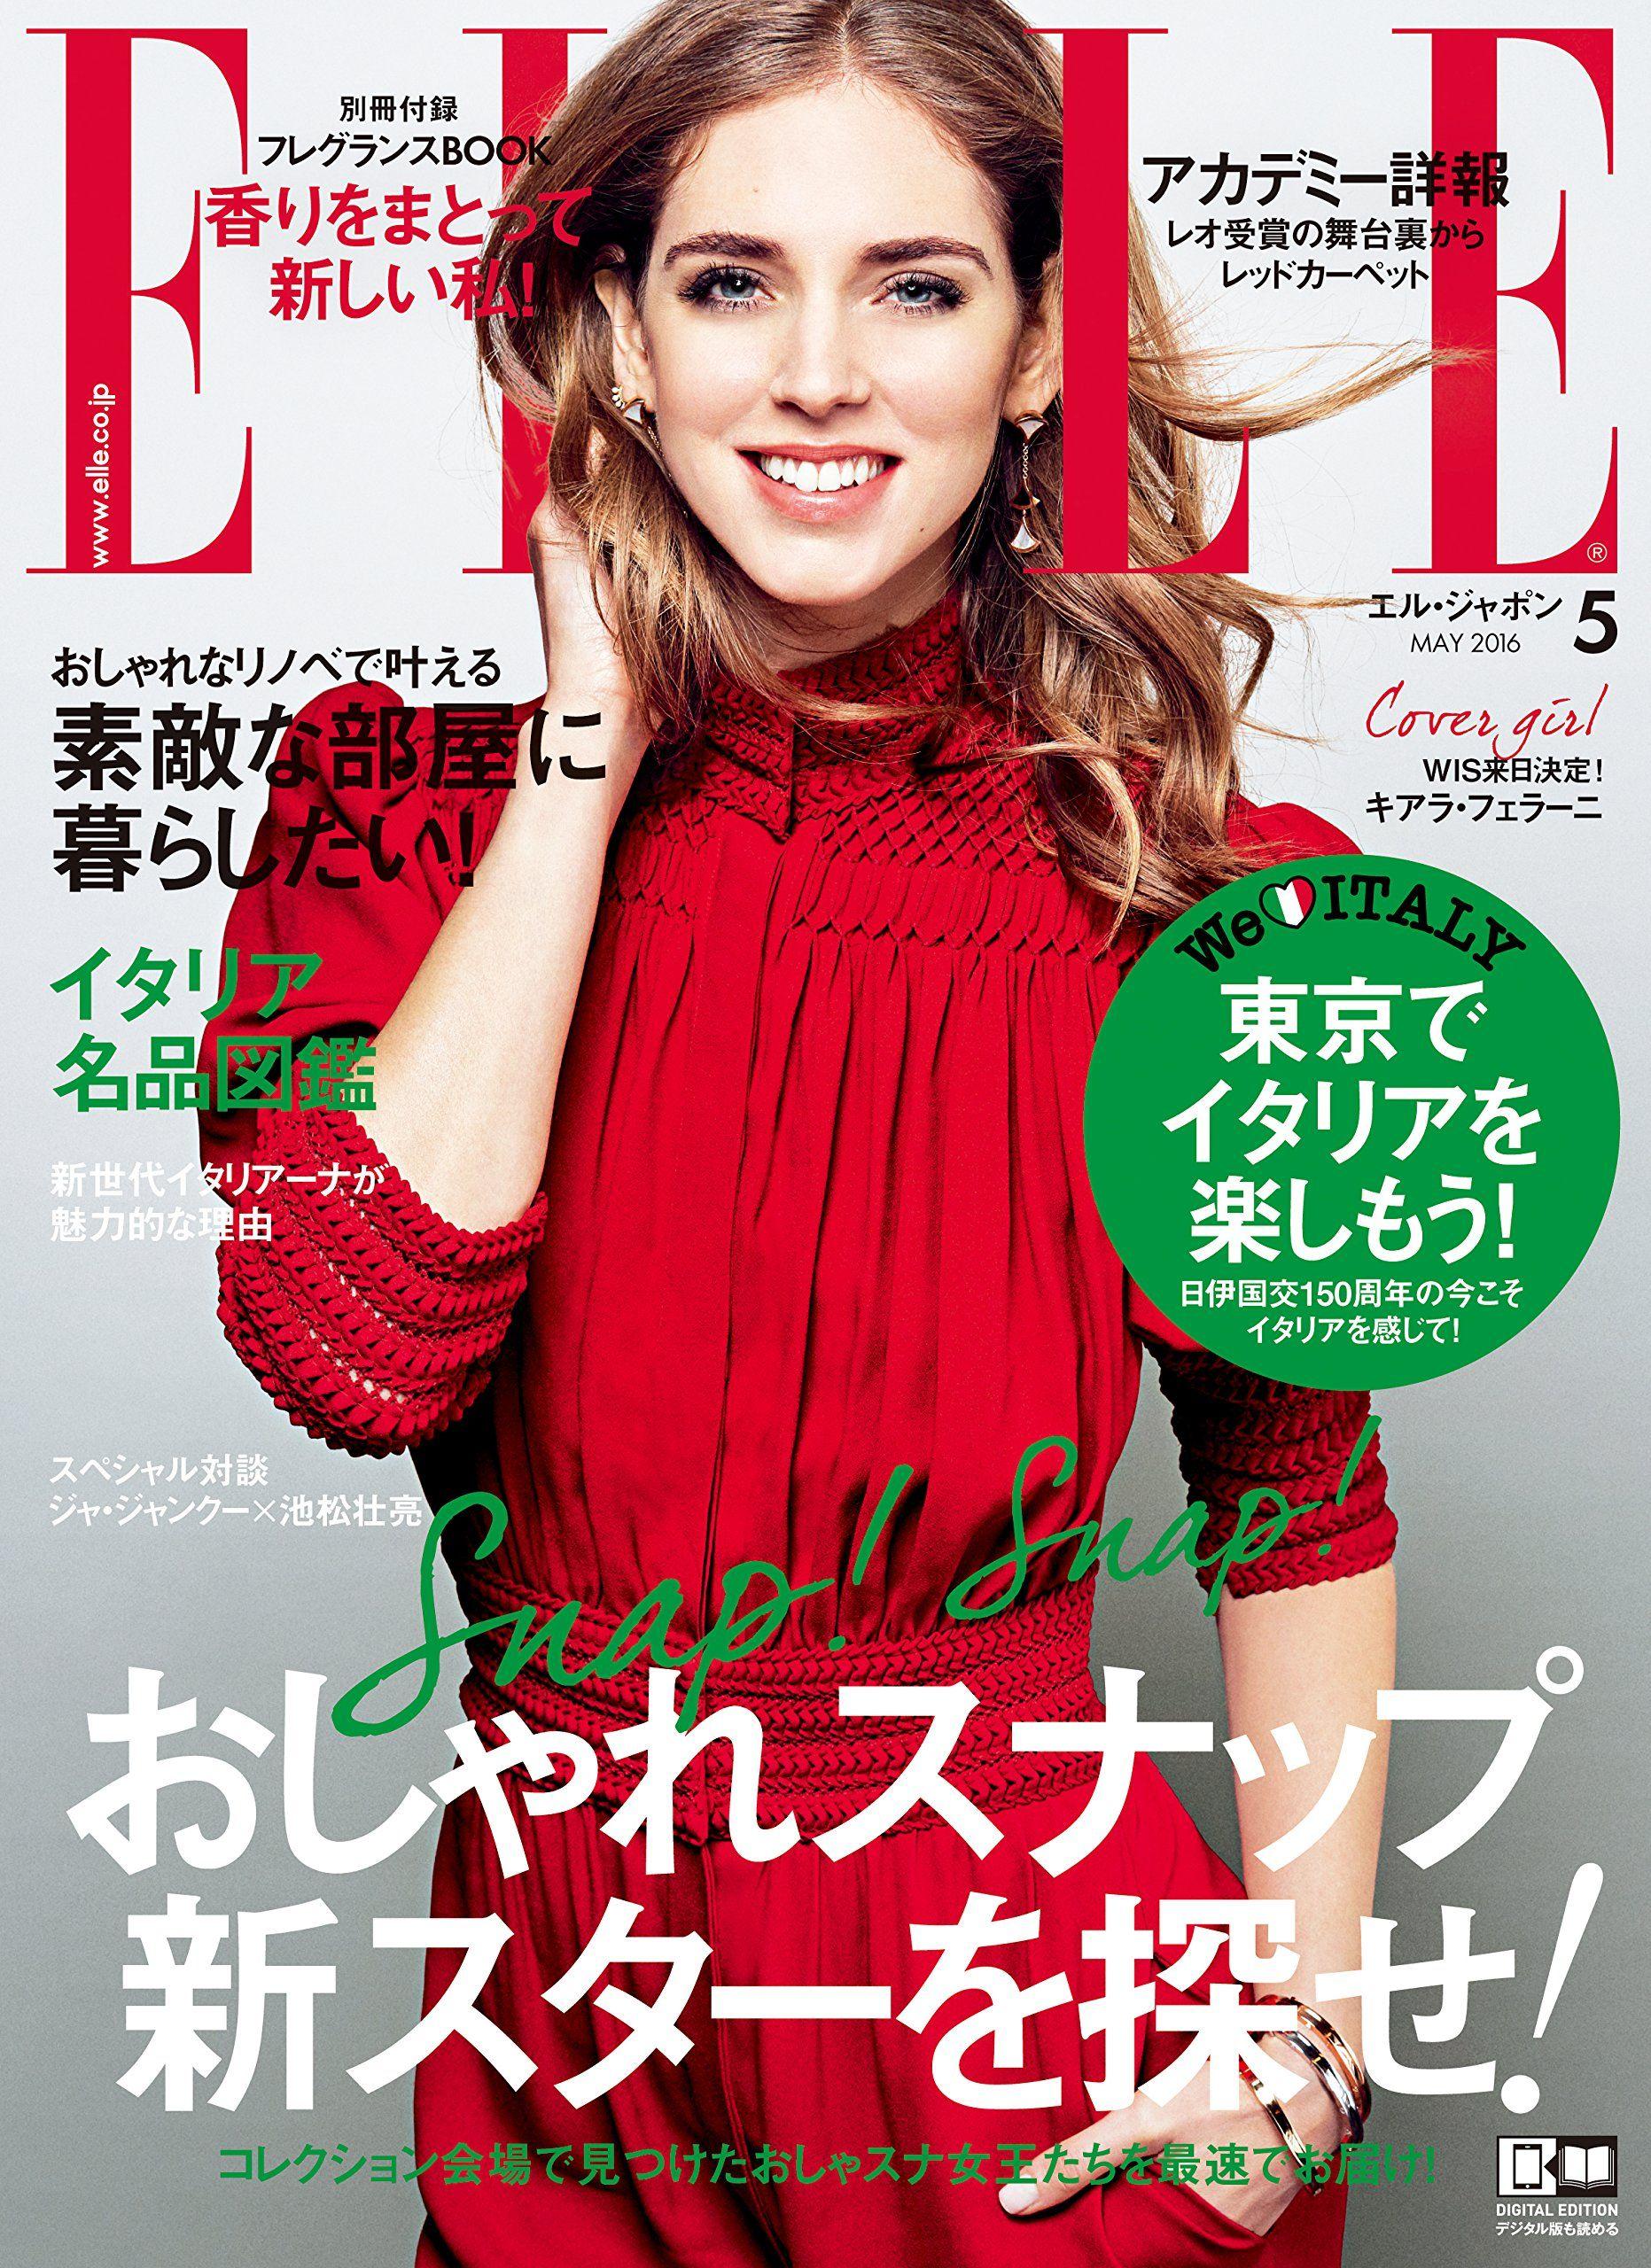 Elle Japan Cover May 2015 | Danilo Scarpati | Il Gufo | GQ Italia | Andrea Tenerani | Numerique Retouch Photo Retouching Studio